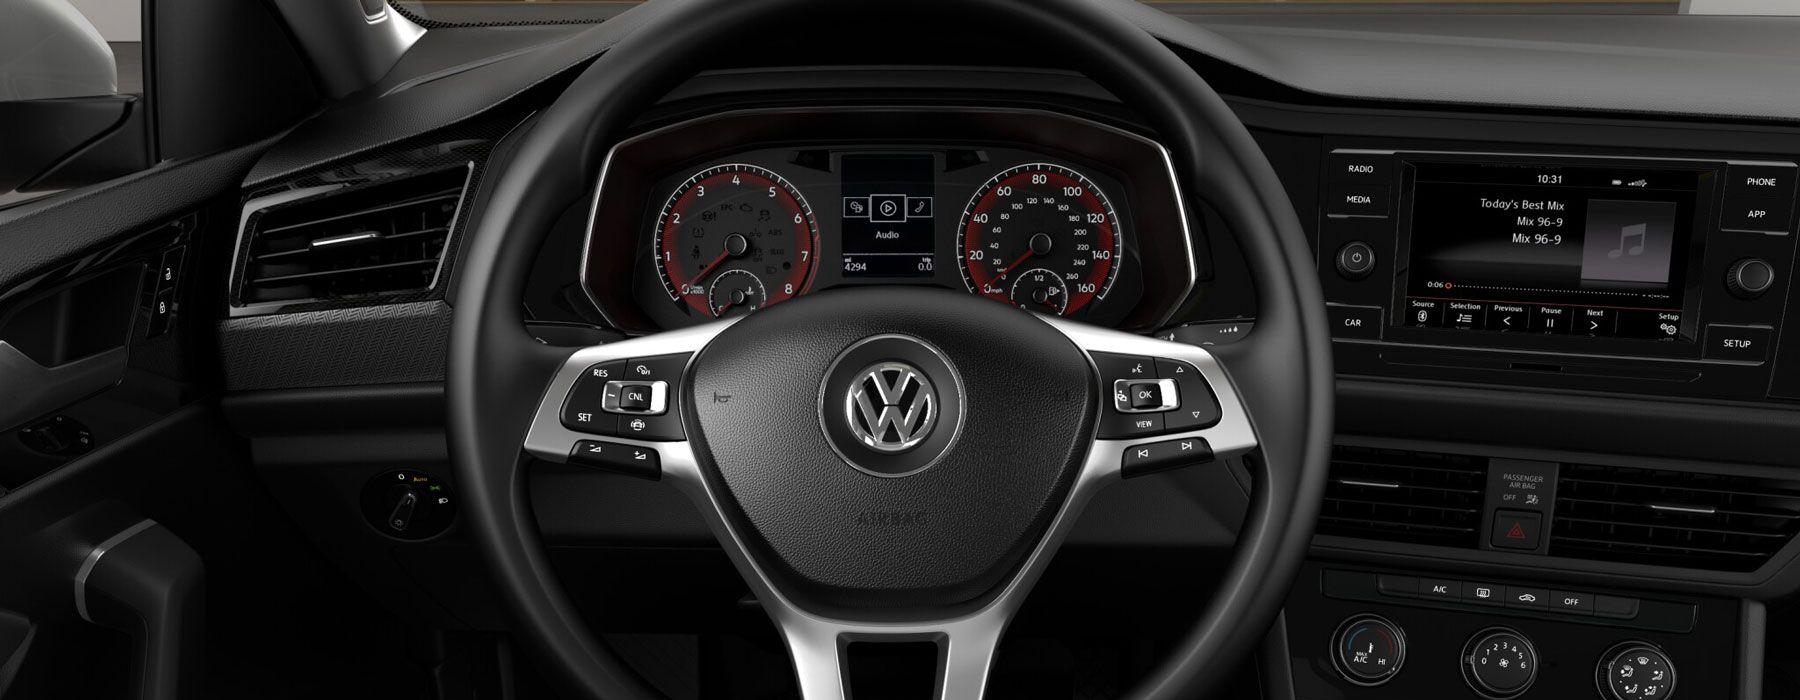 How to Fix the EPC Light on a Volkswagen | Volkswagen Santa Monica